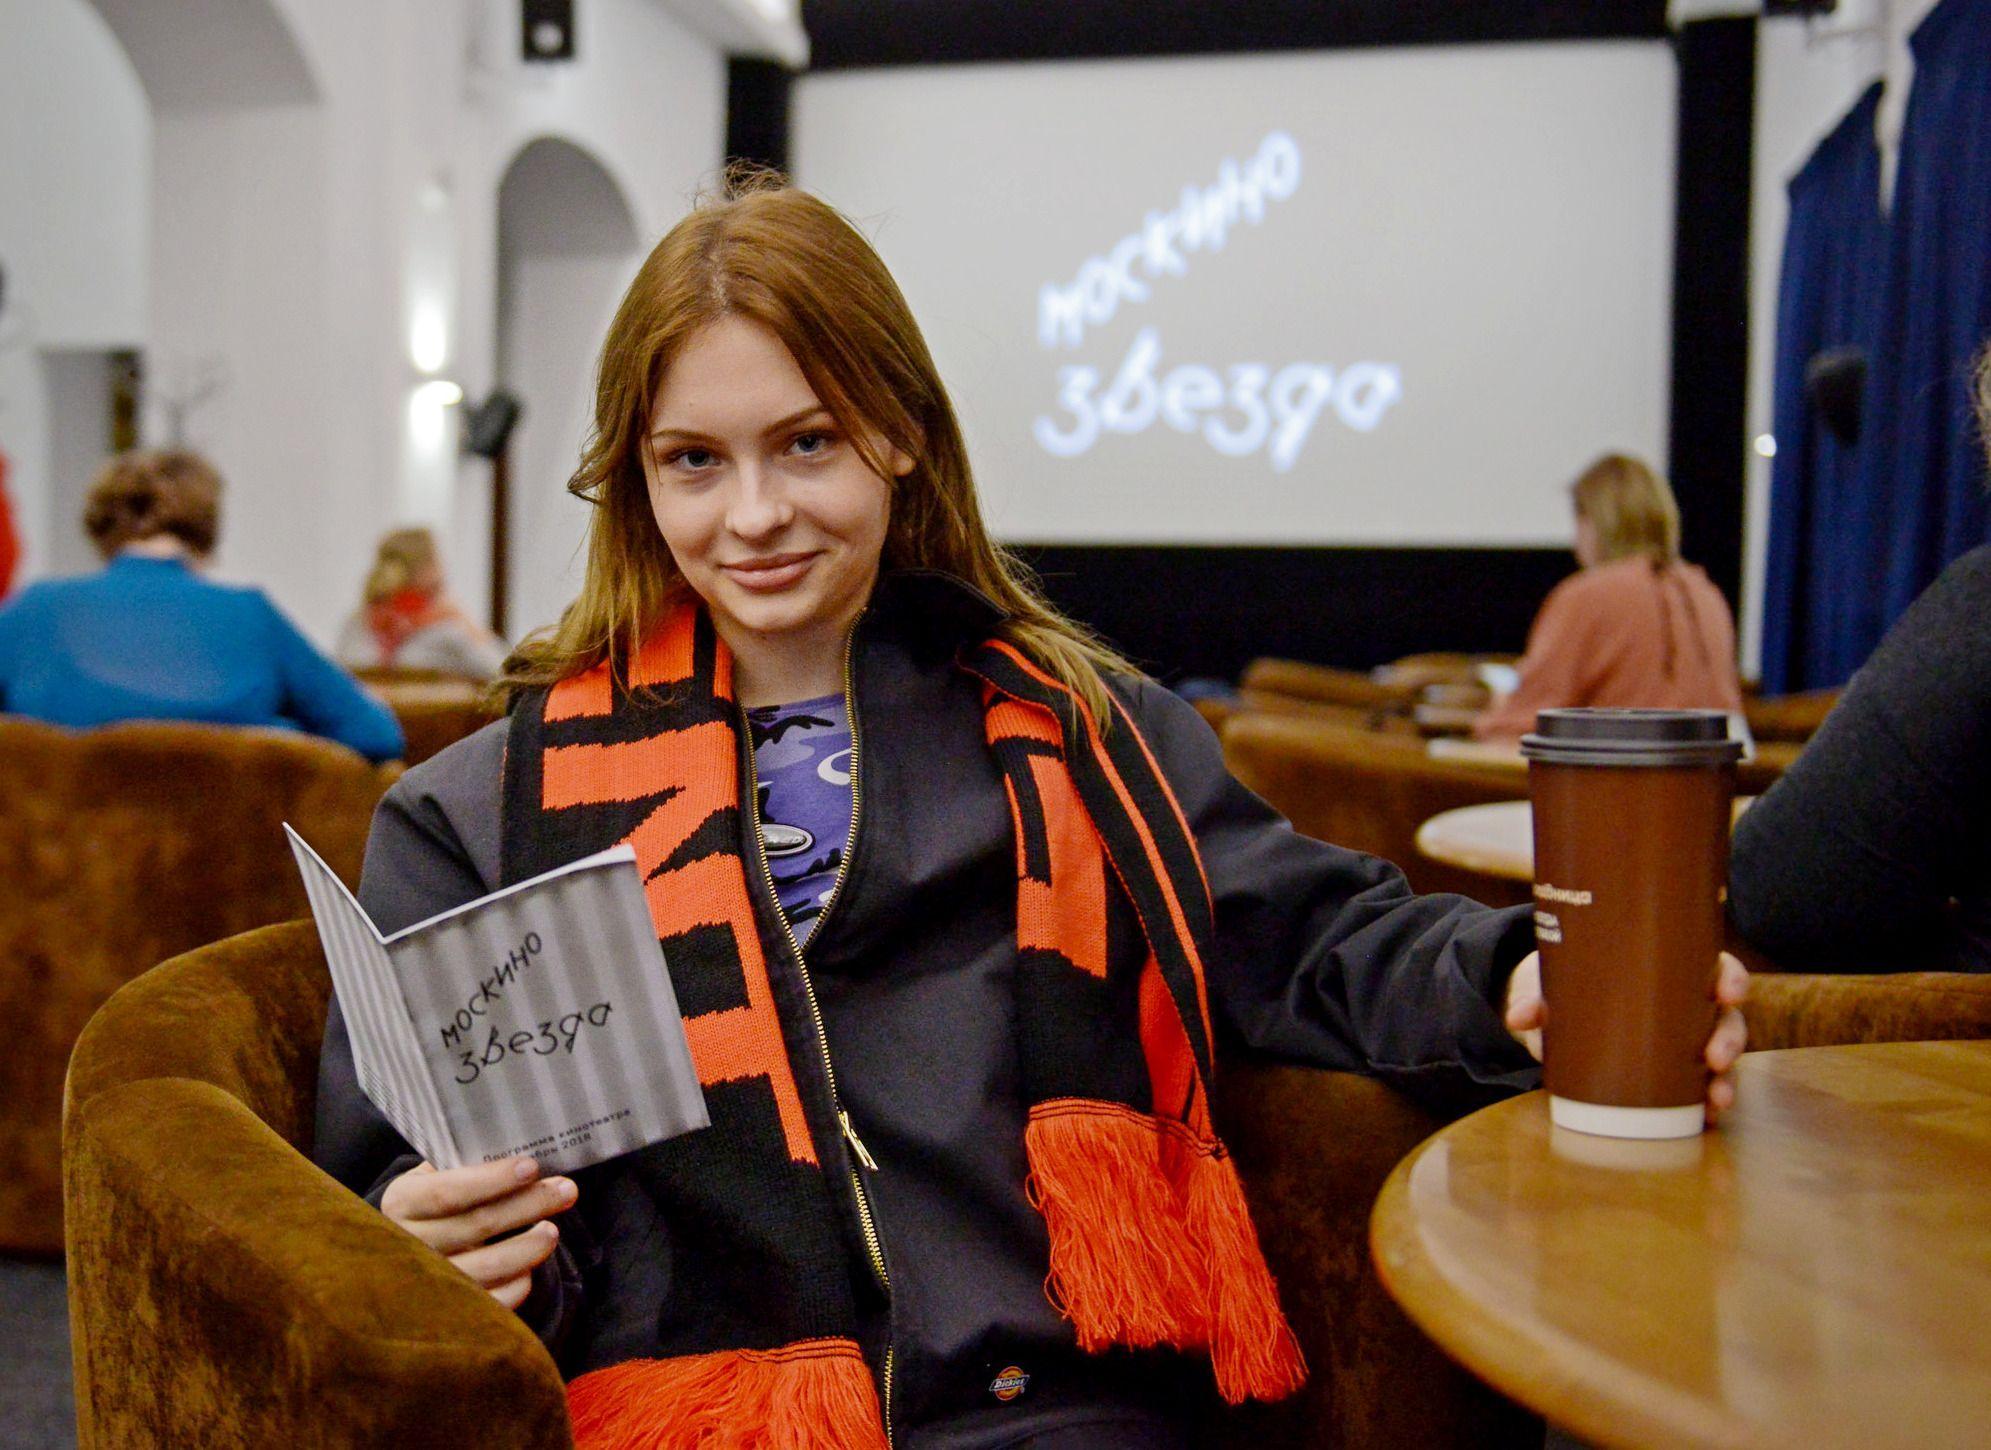 Студентам могут подарить билеты в кино и горячий чай